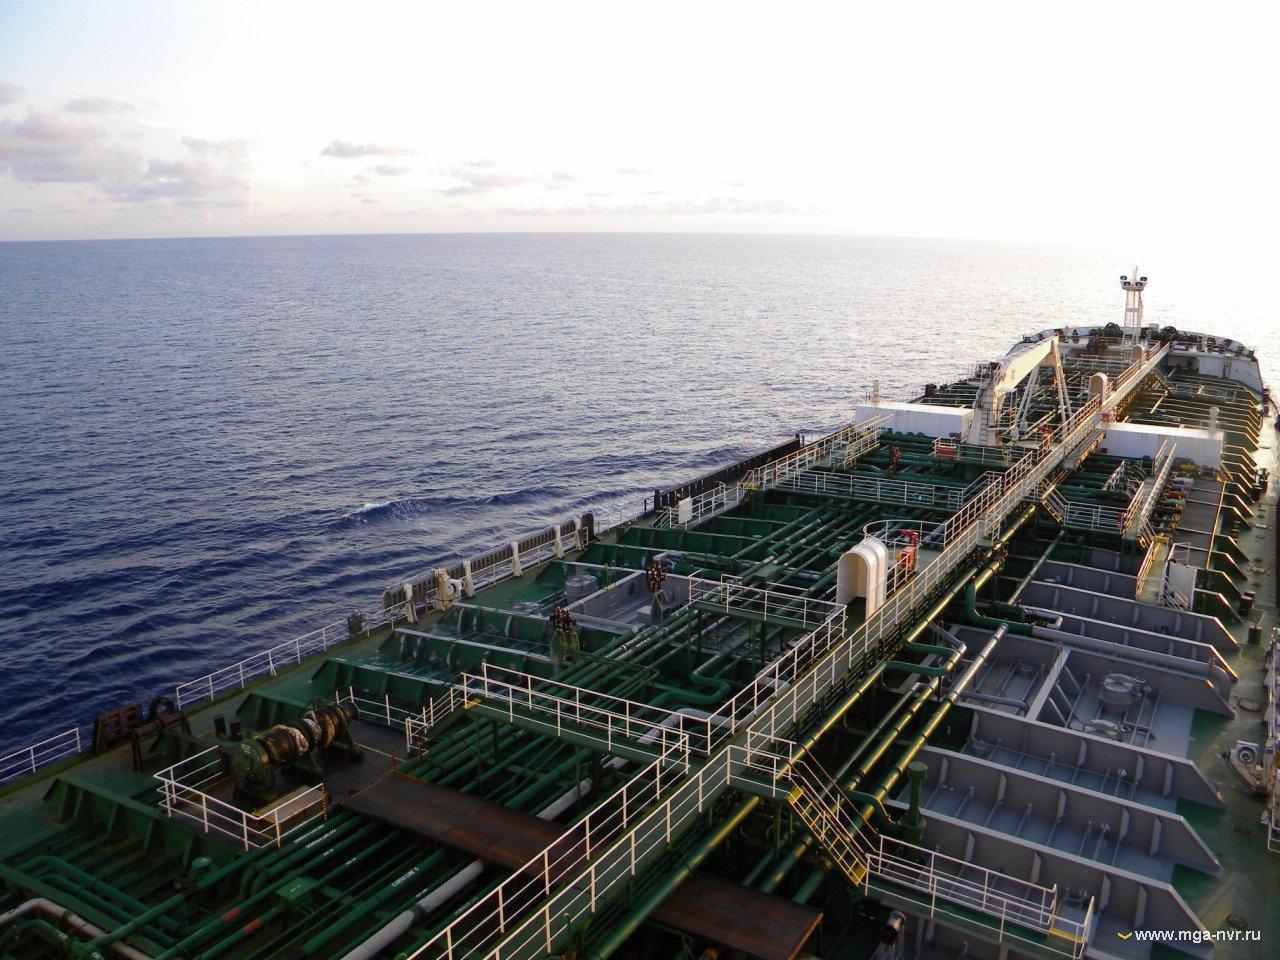 Морская плавательная практика Отчет по практике на т х bering sea для электромехаников